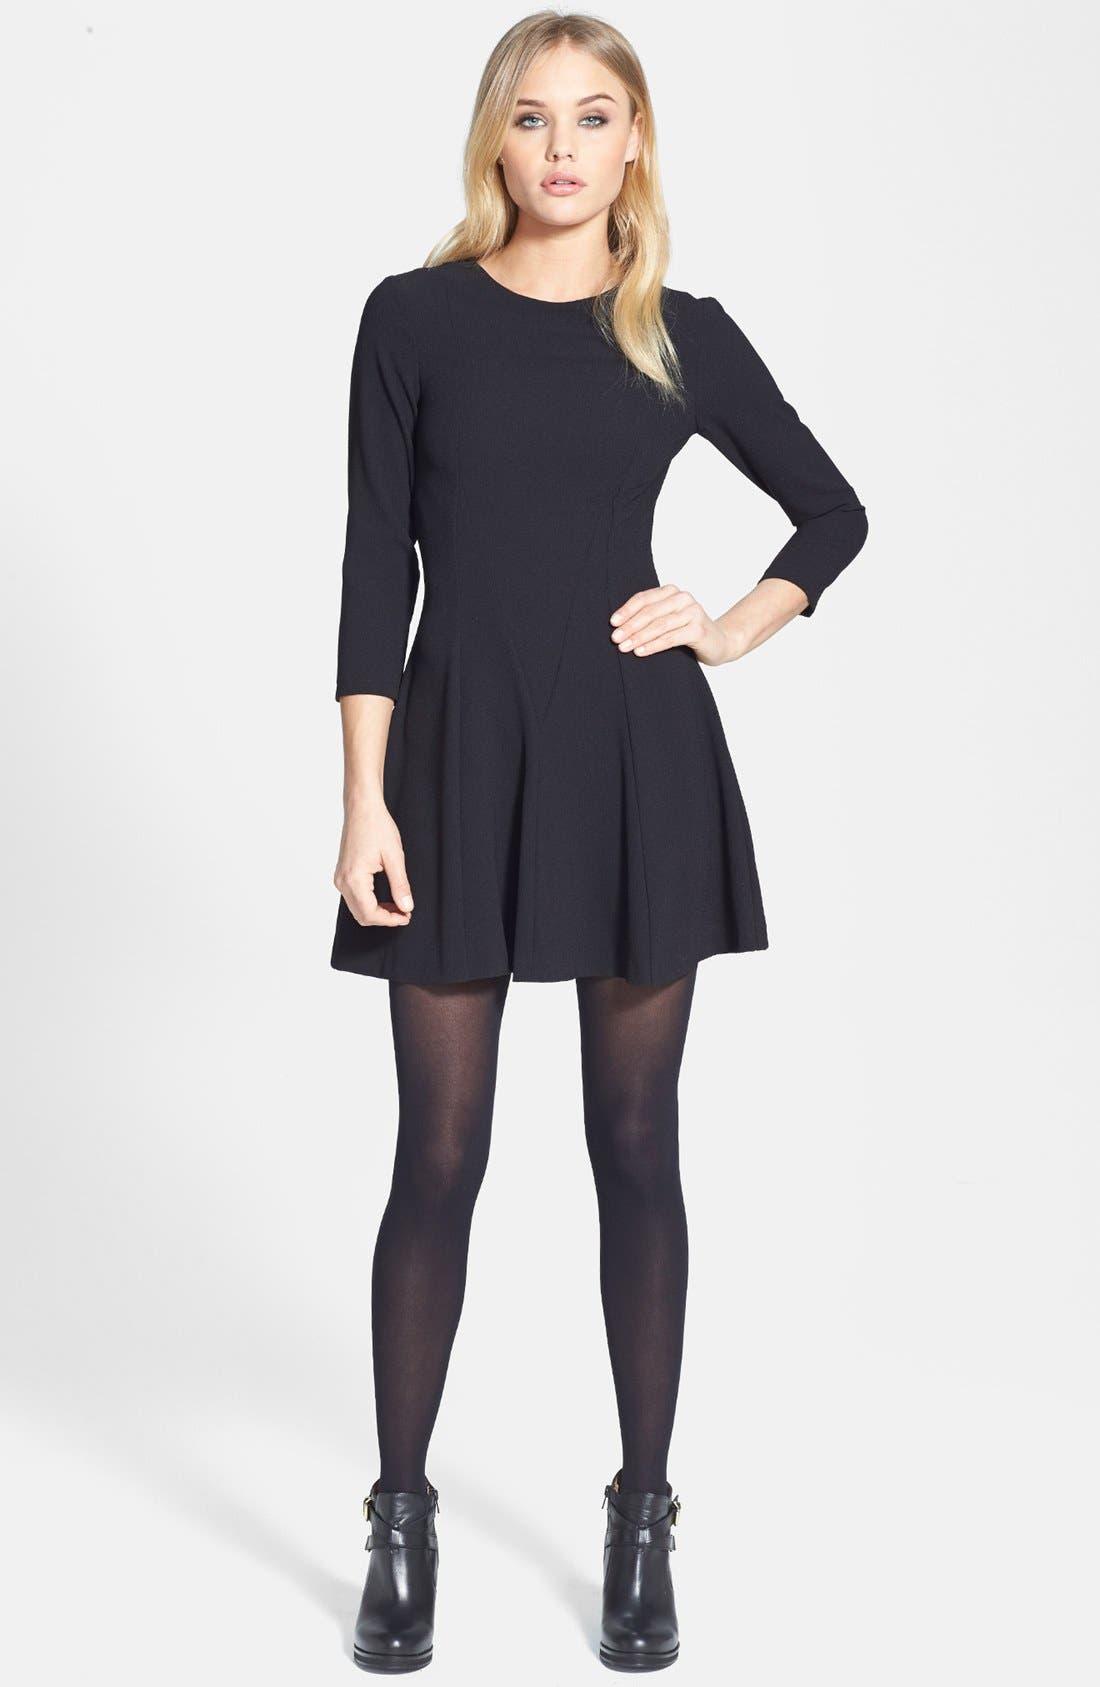 Alternate Image 1 Selected - Topshop Crepe Skater Dress